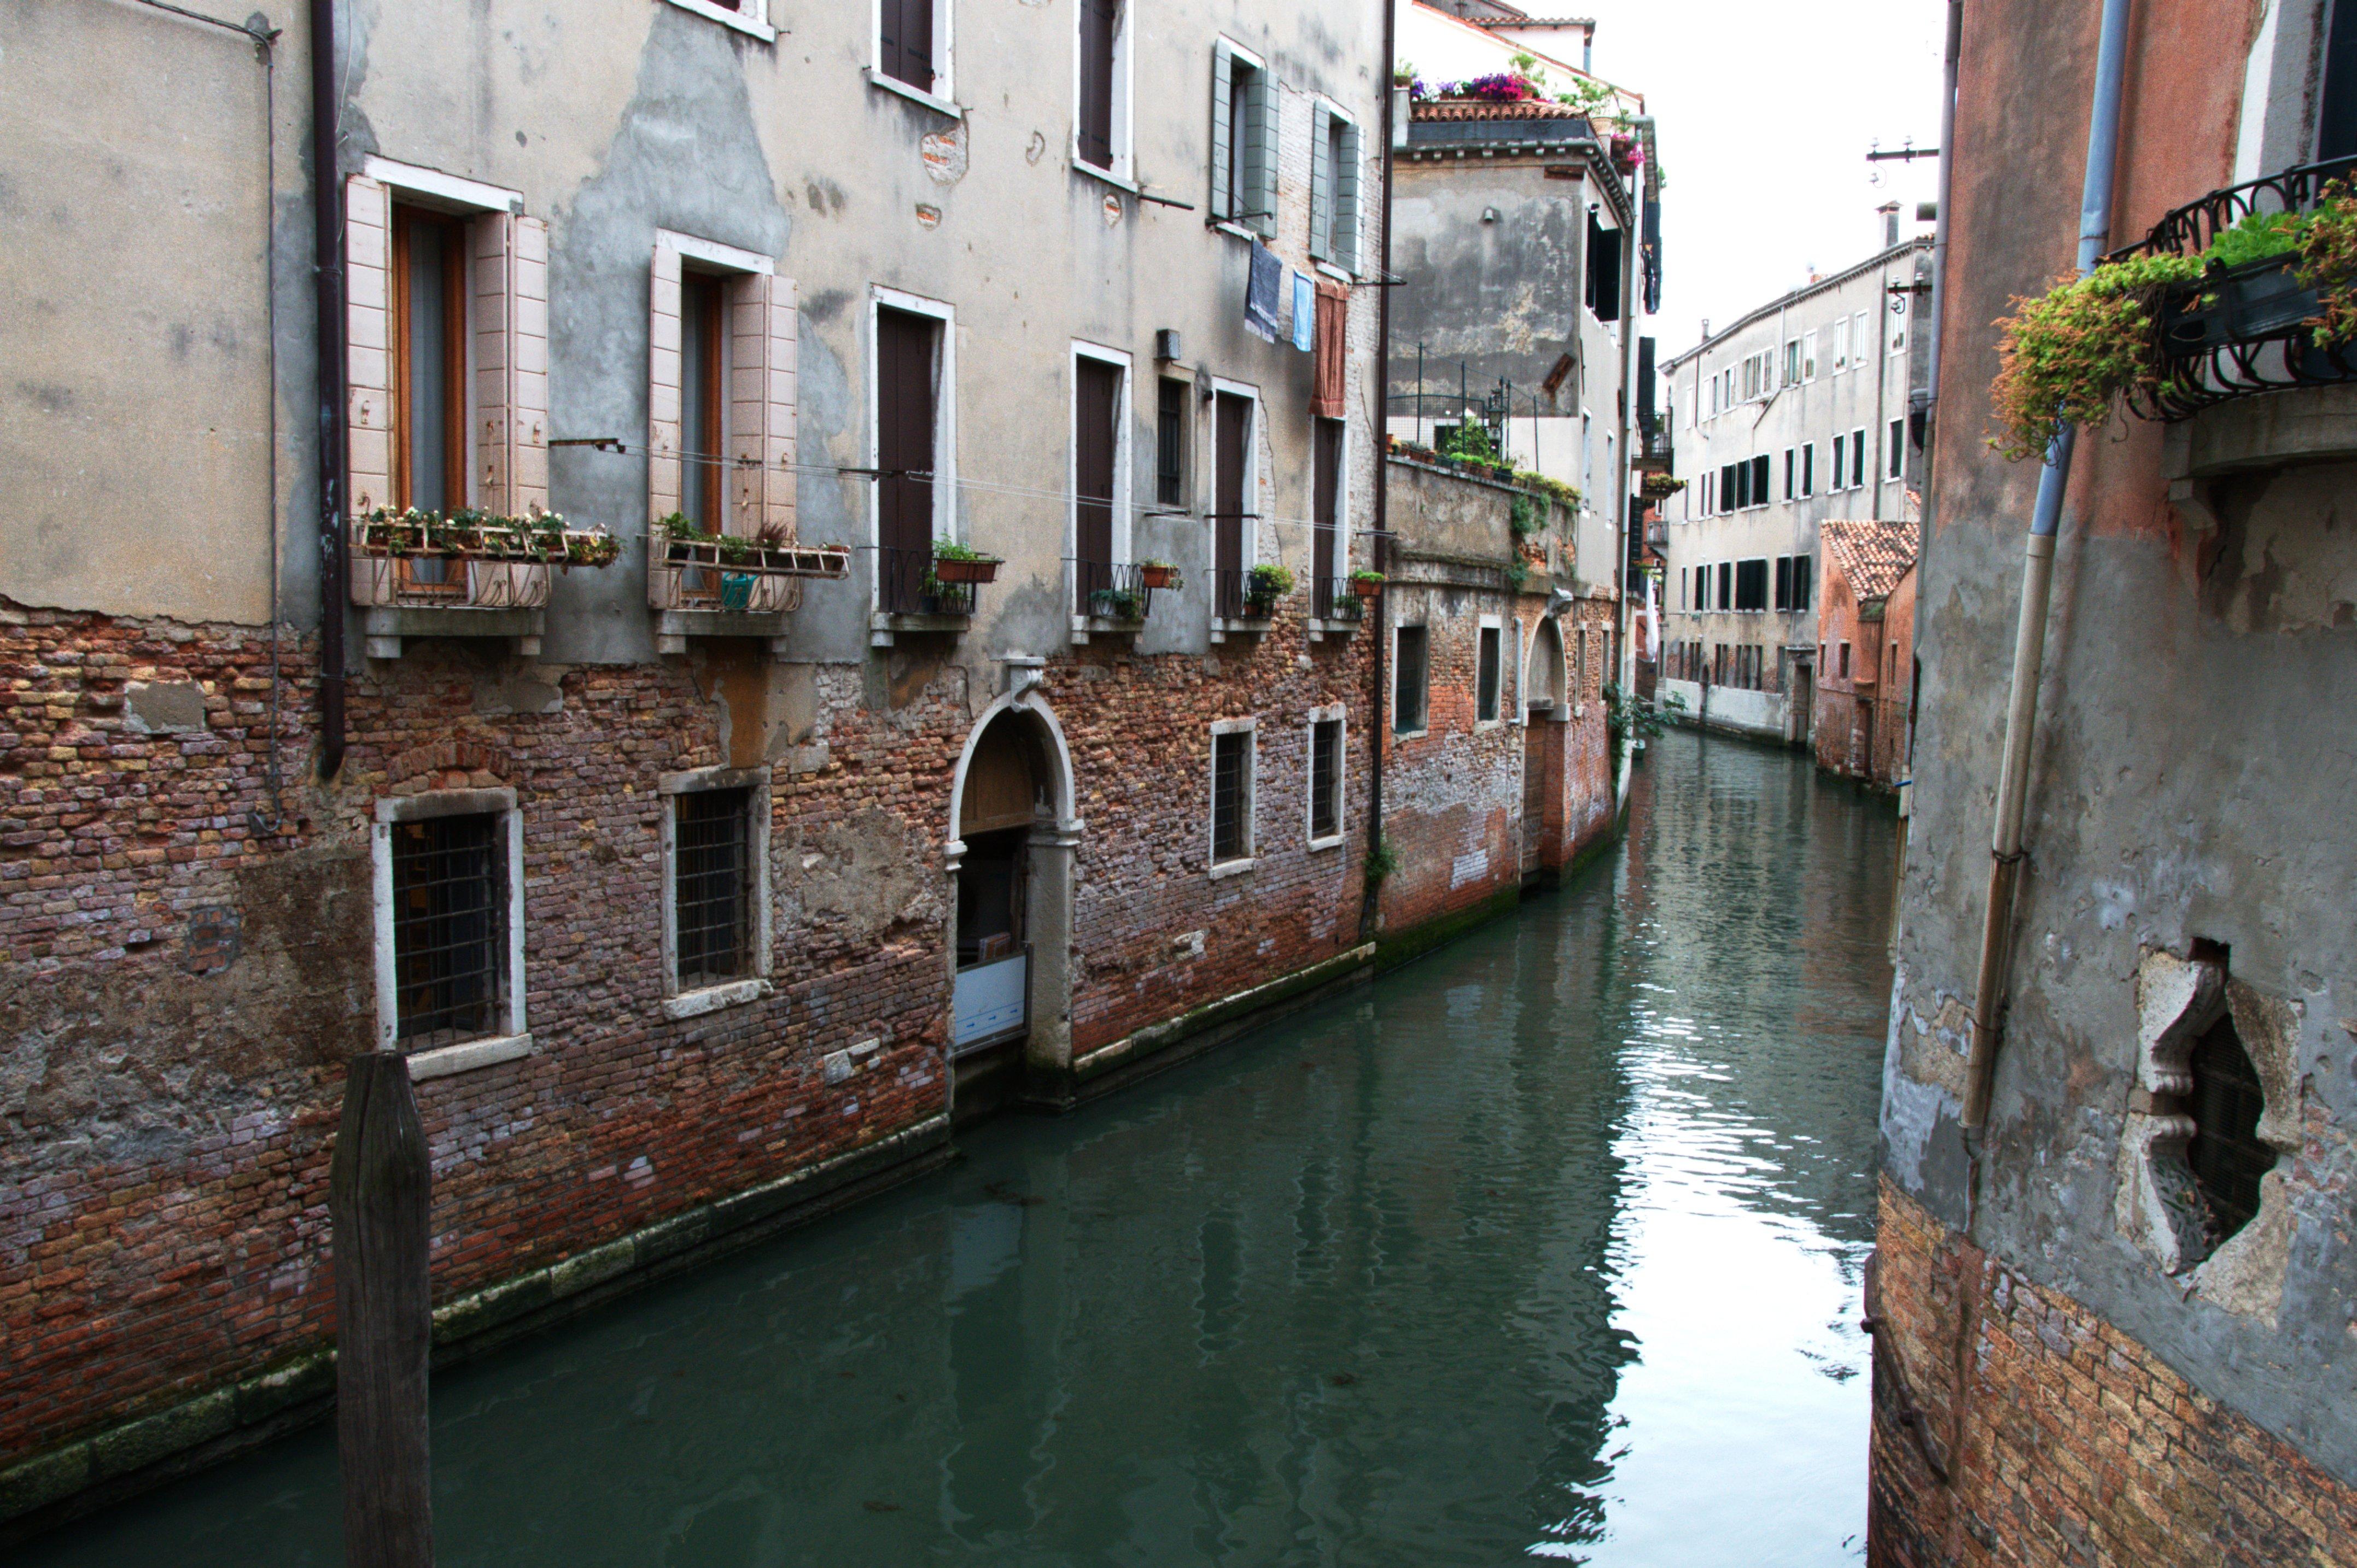 Venice italy - venezia italia - creative commons by gnuckx photo